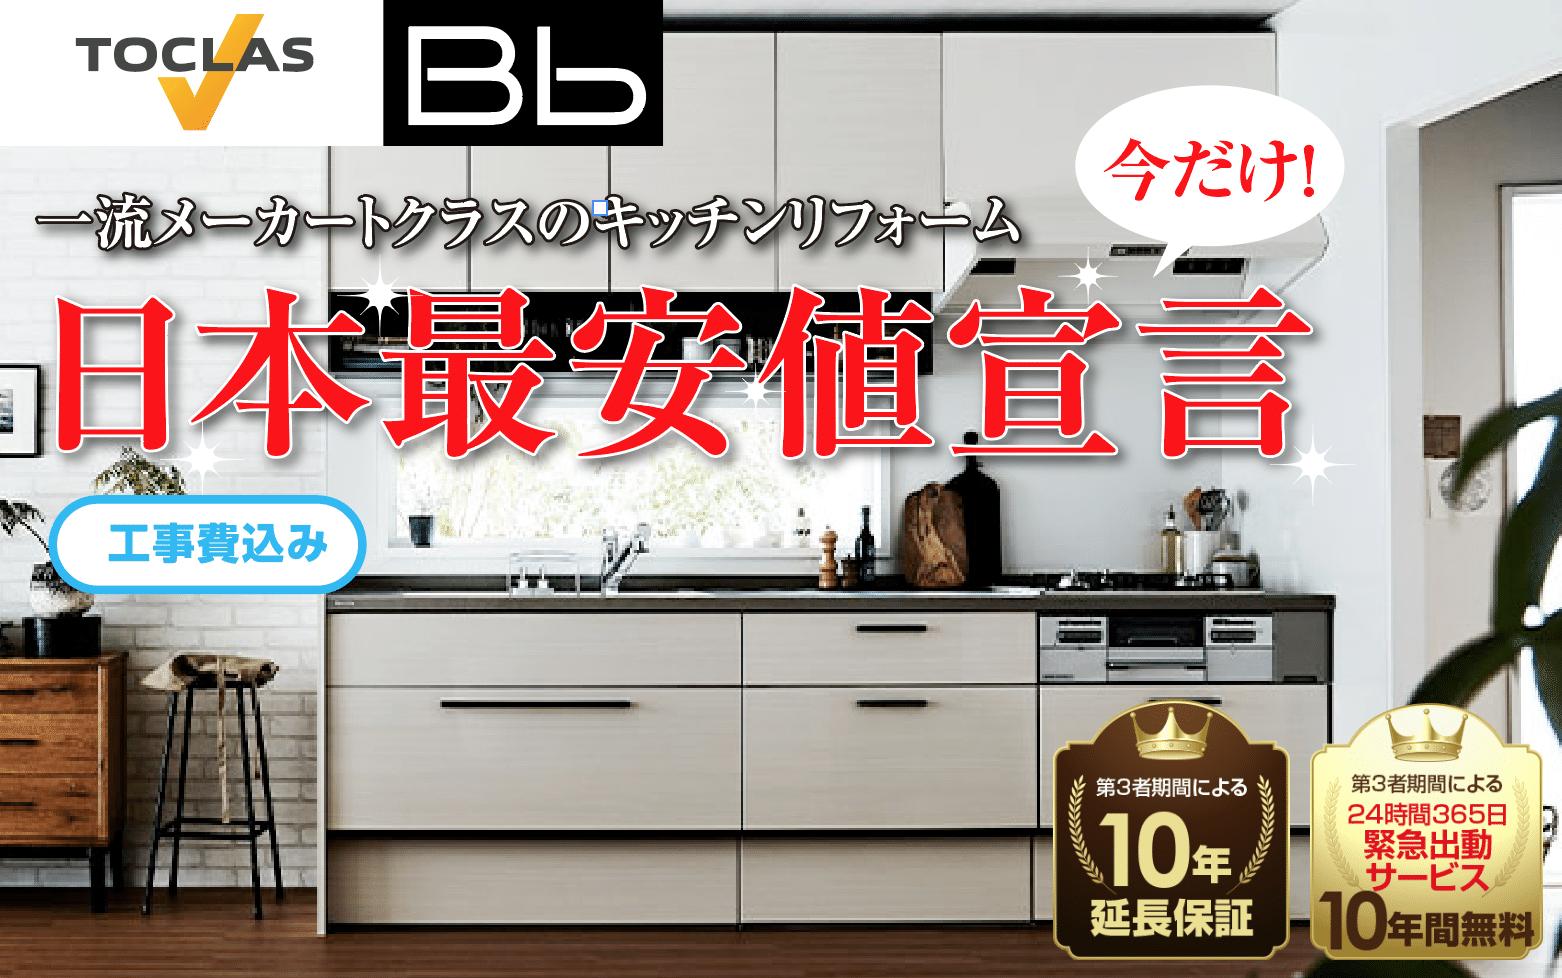 水周りリフォーム館なら一流メーカートクラスキッチンBb(ビービー)が日本最安値宣言。工事費込み!